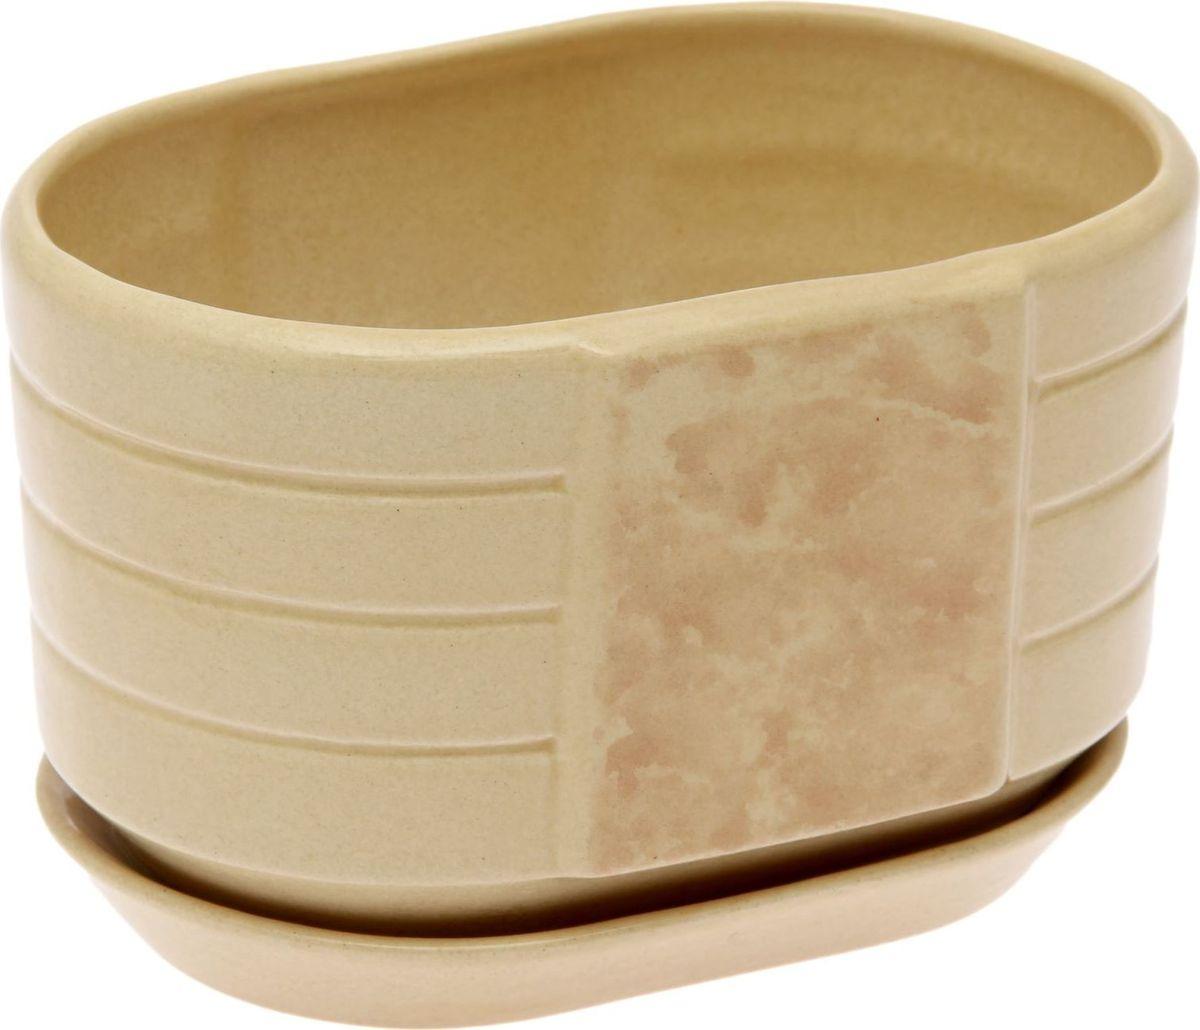 Кашпо Овал, цвет: бежевый, 1,1 л1241313Комнатные растения — всеобщие любимцы. Они радуют глаз, насыщают помещение кислородом и украшают пространство. Каждому из них необходим свой удобный и красивый дом. Кашпо из керамики прекрасно подходят для высадки растений: за счет пластичности глины и разных способов обработки существует великое множество форм и дизайнов пористый материал позволяет испаряться лишней влаге воздух, необходимый для дыхания корней, проникает сквозь керамические стенки! позаботится о зеленом питомце, освежит интерьер и подчеркнет его стиль.